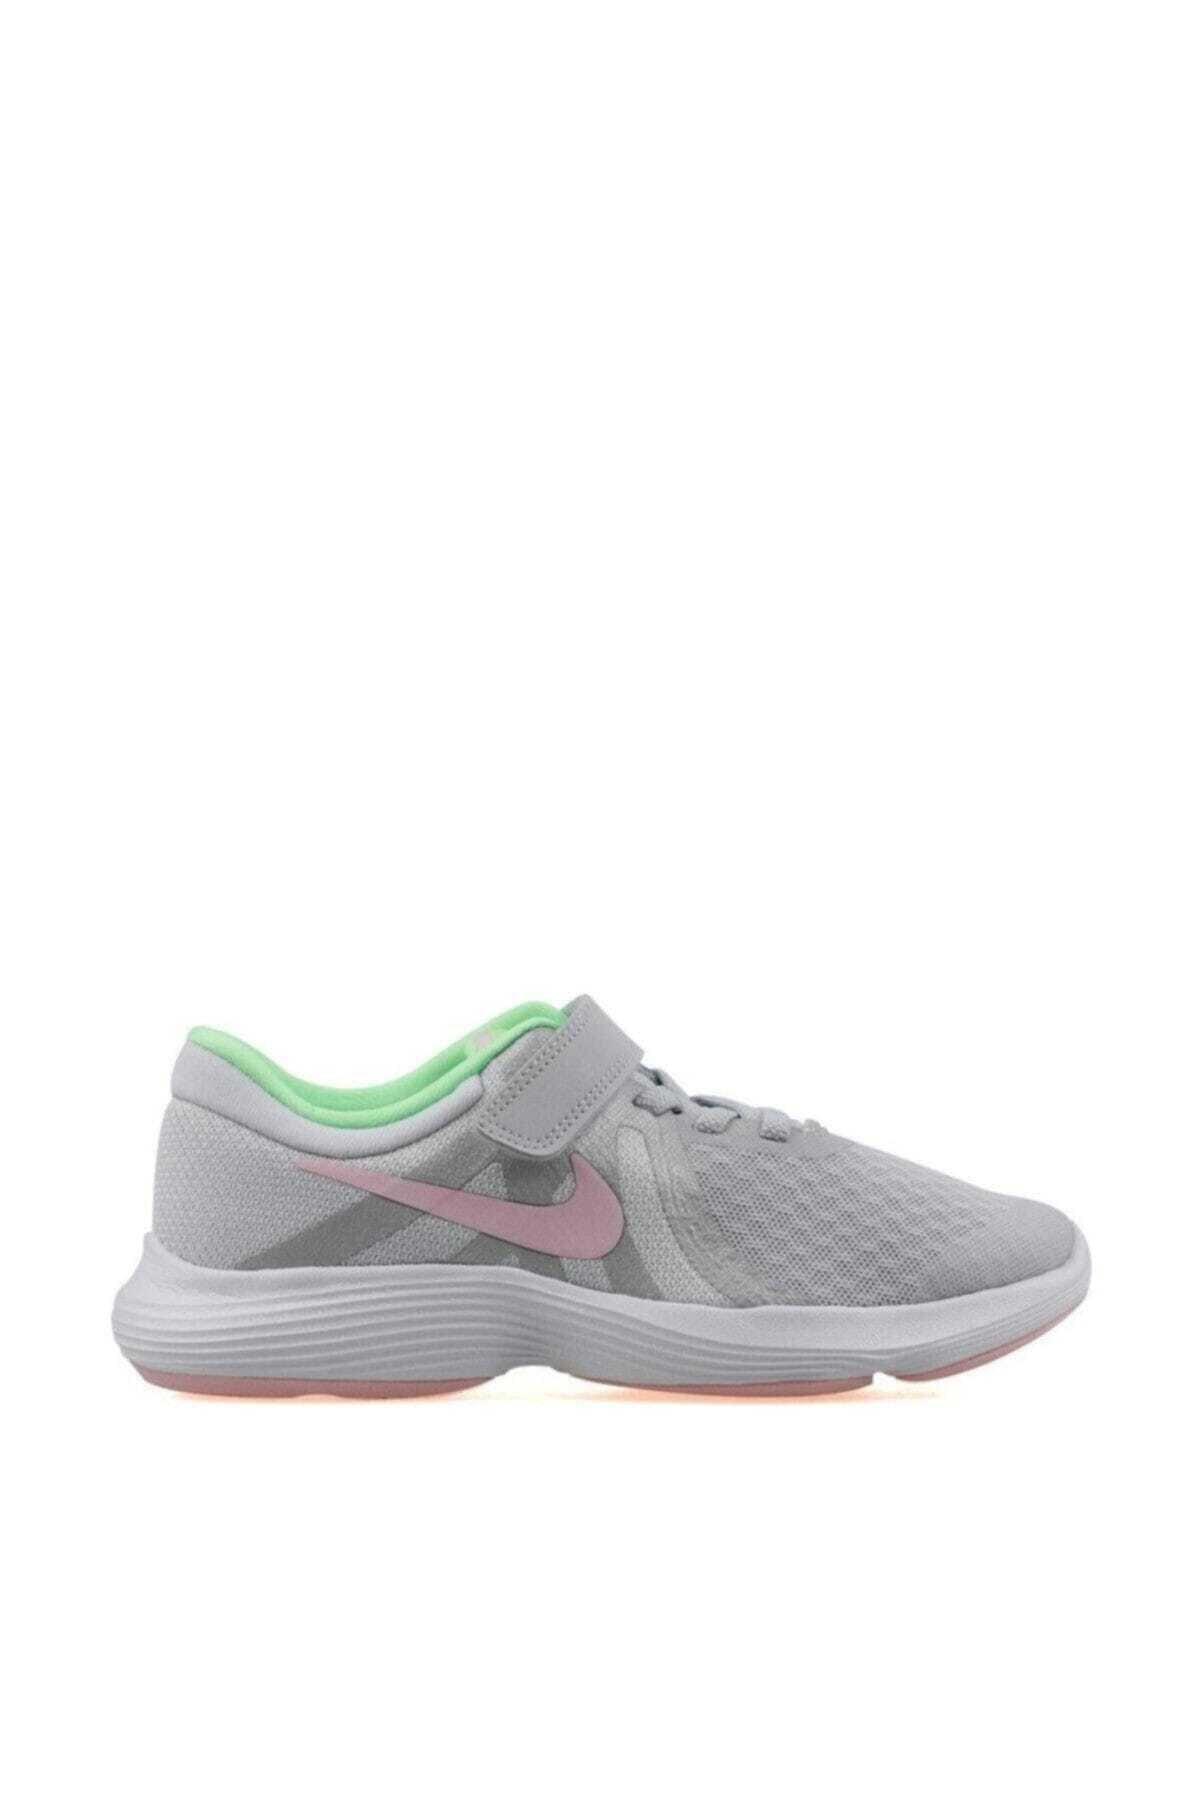 Nike Kids Gri - Açık Yeşil Kız Nıke Revolutıon 4 (Psv) 1